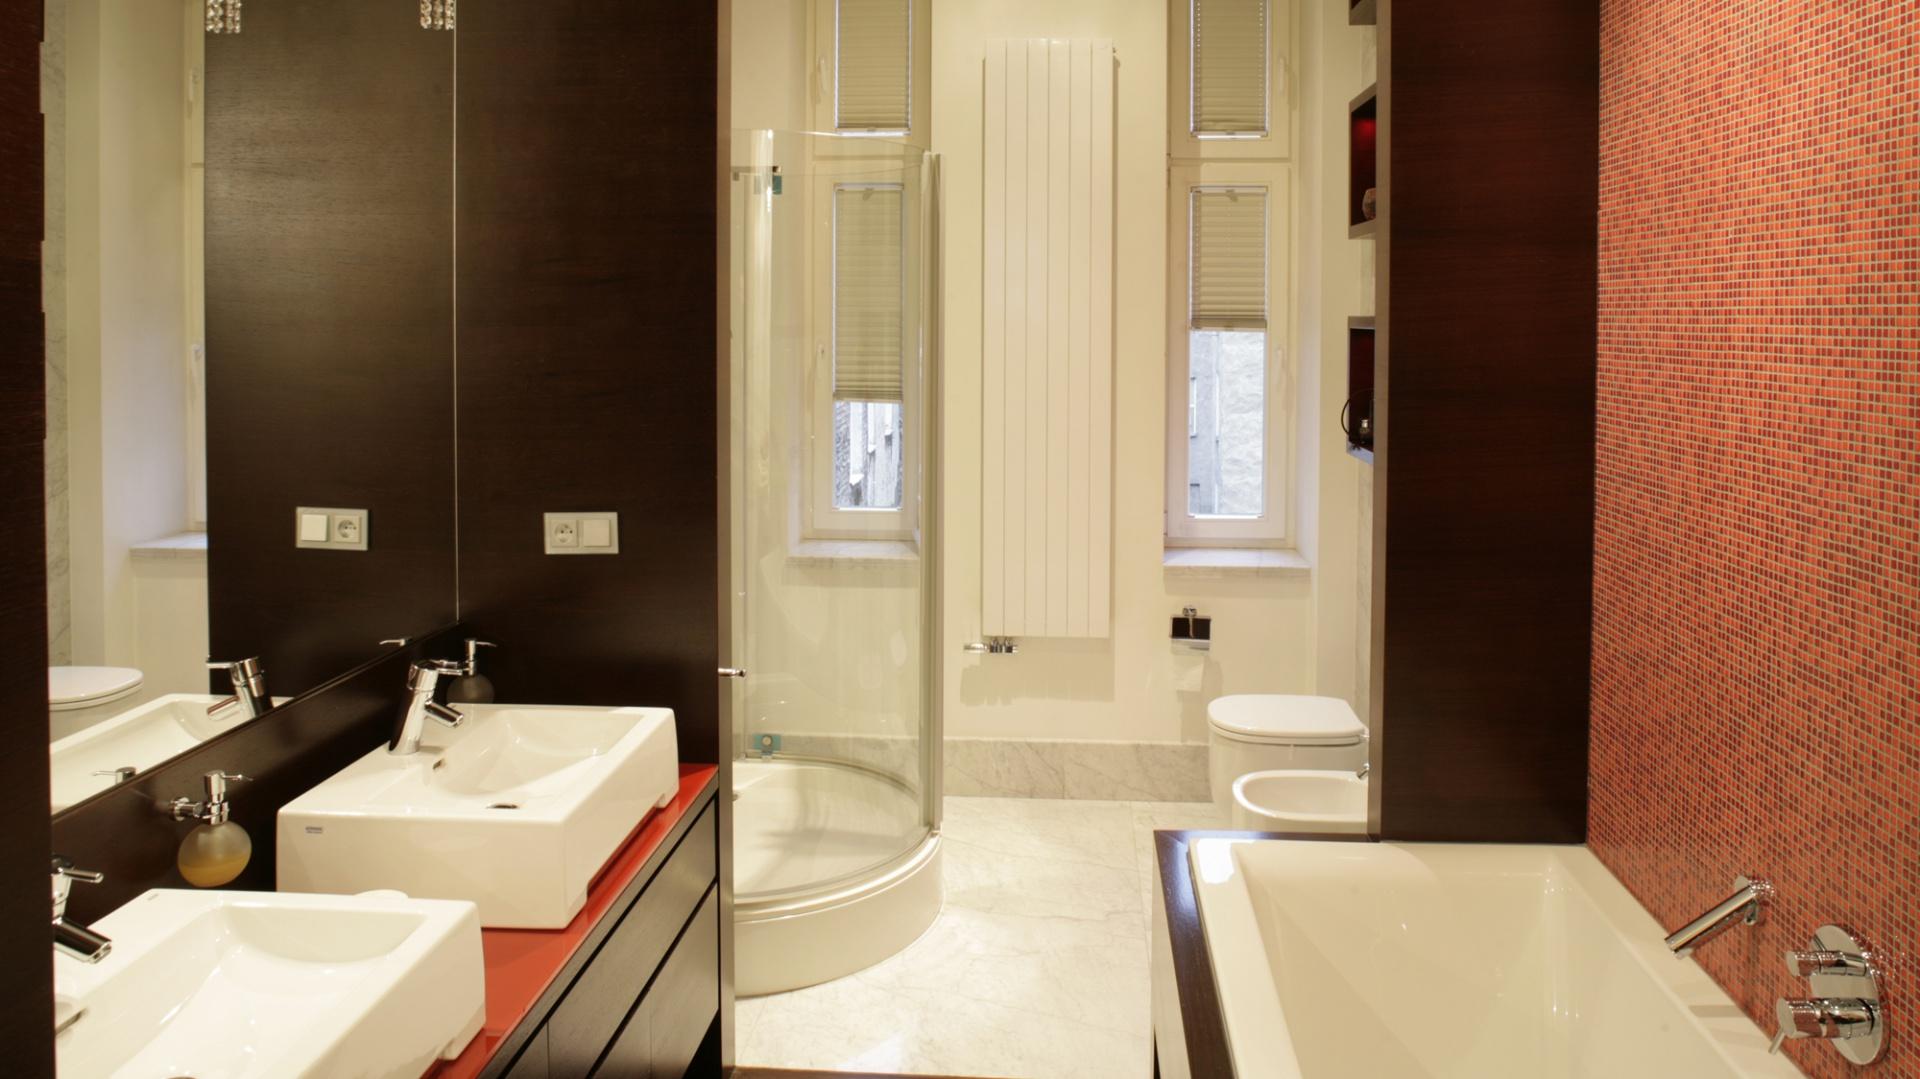 Biały kolor ceramiki łazienkowej oraz przezroczysta szklana kabina prysznicowa idealnie wtapiają się w tło  jasnych ścian i  marmurowej posadzki. Tworzą trzecią część łazienkowego tryptyku. Fot. Bartosz Jarosz.